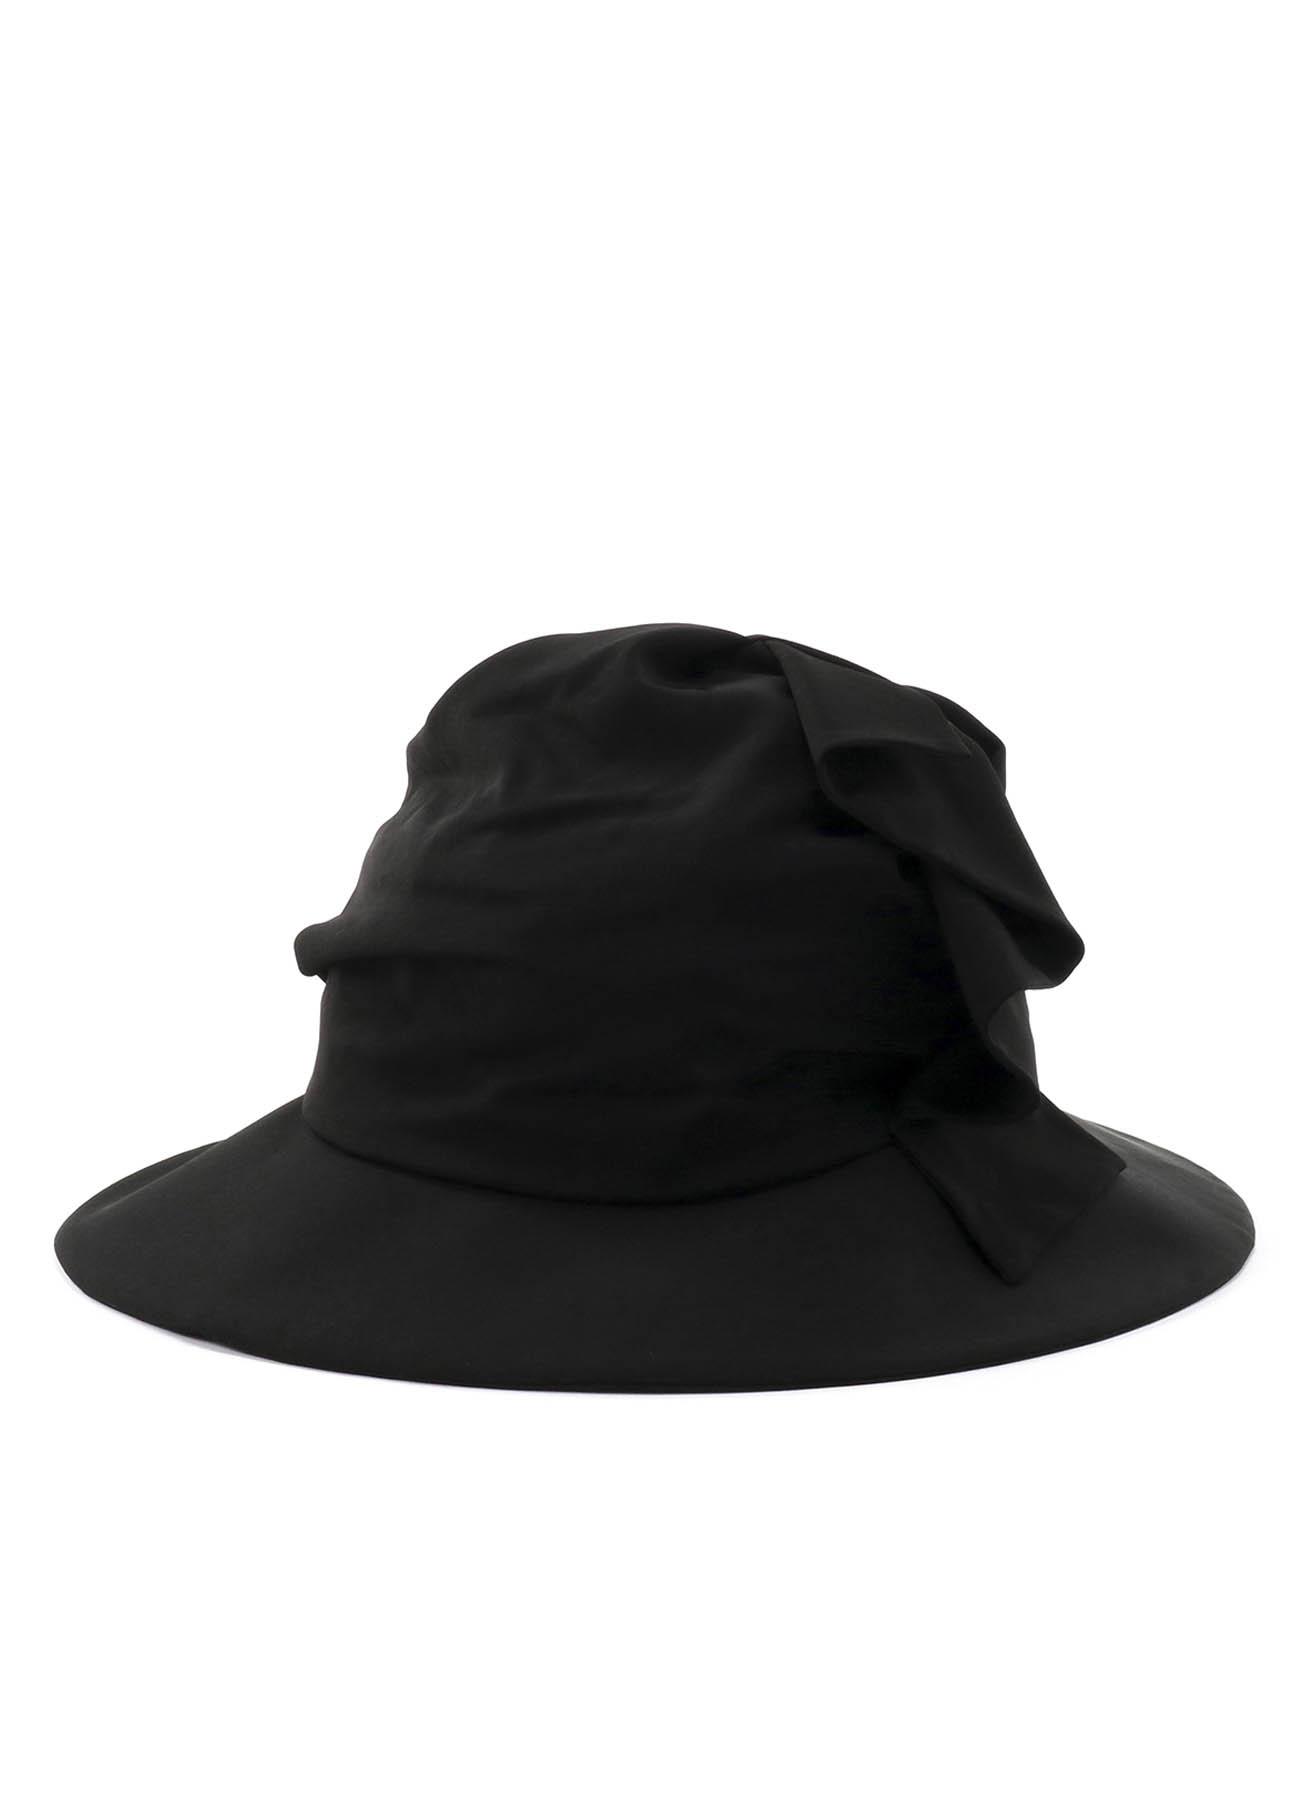 褶皱宽檐遮阳帽